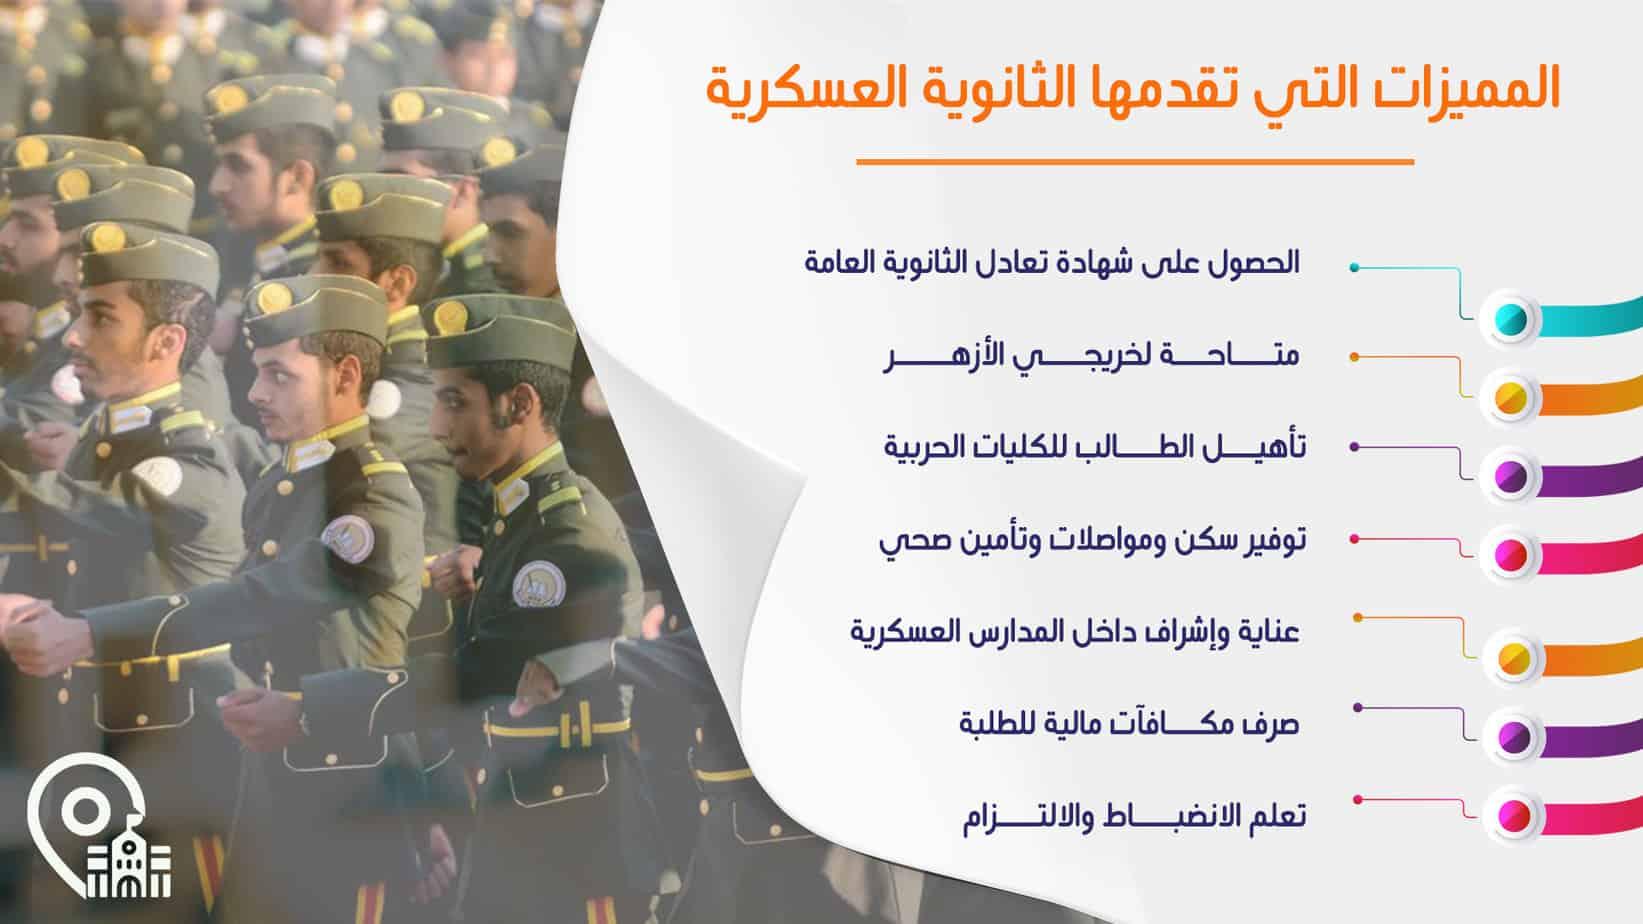 المميزات التي تقدمها المدارس العسكرية